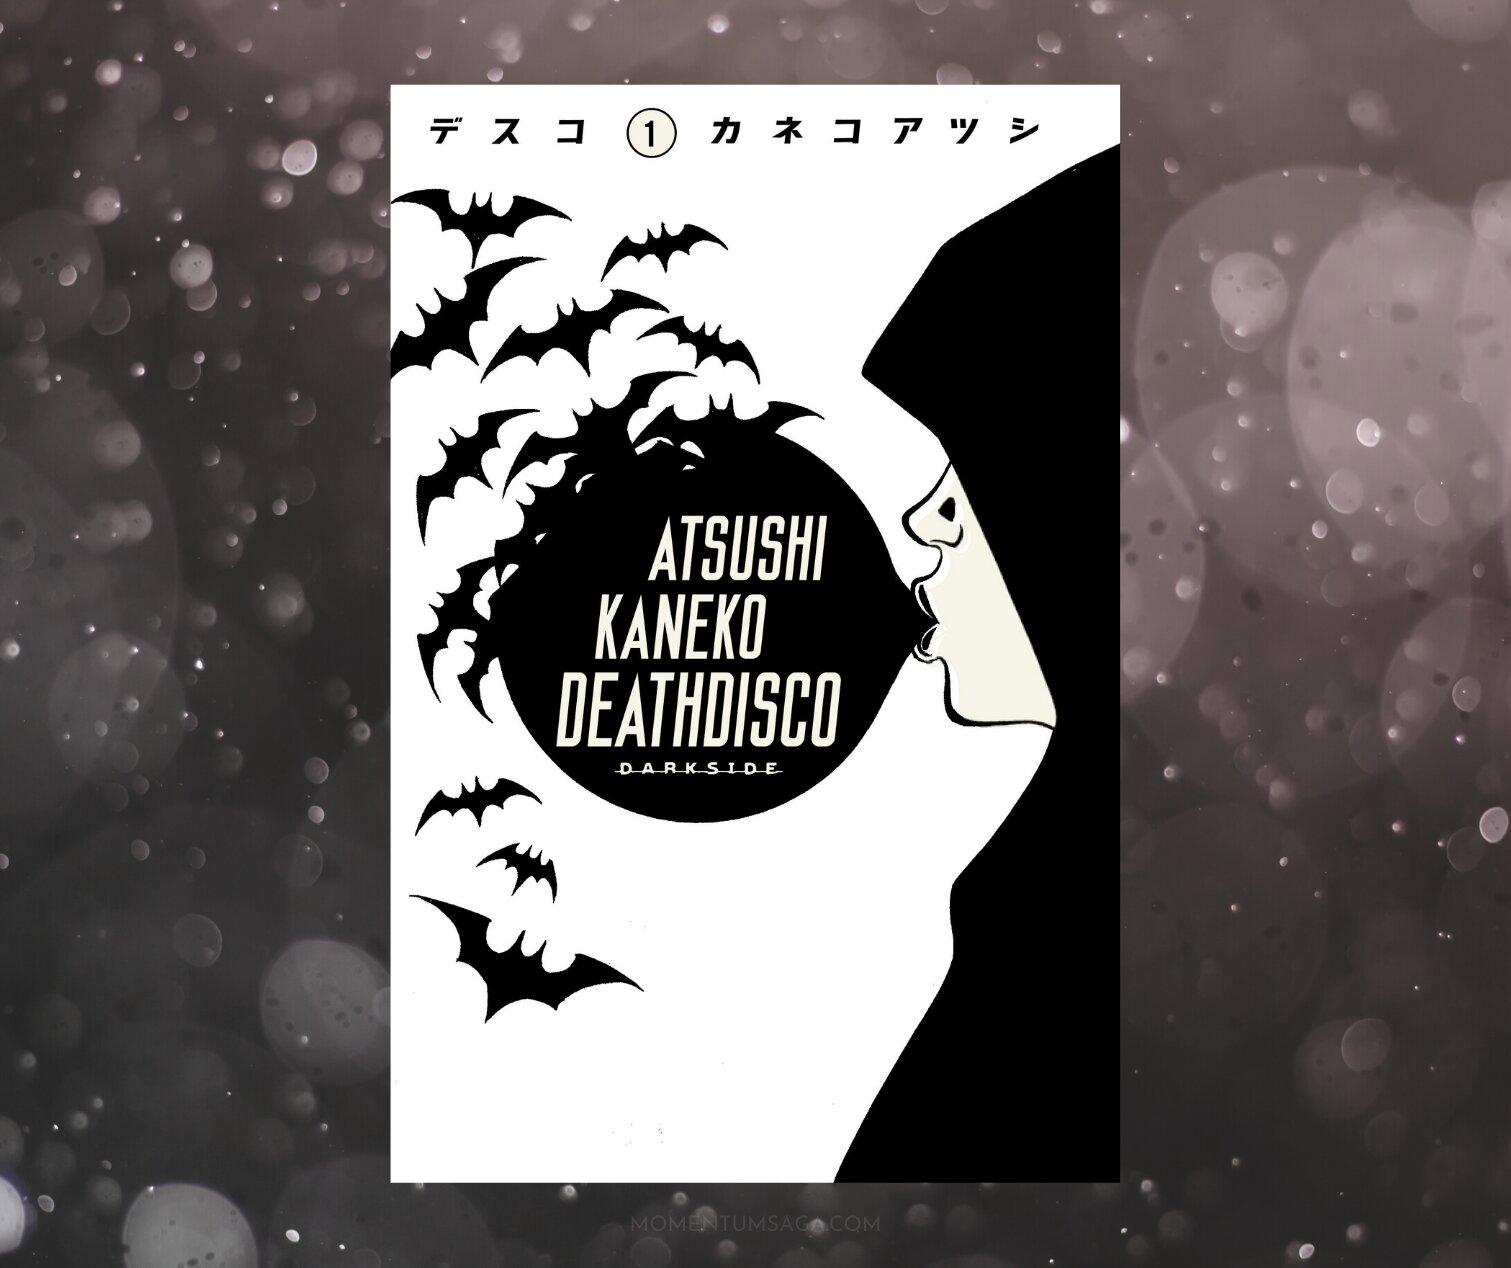 Resenha: Death Disco v.1, de Atsushi Kaneko